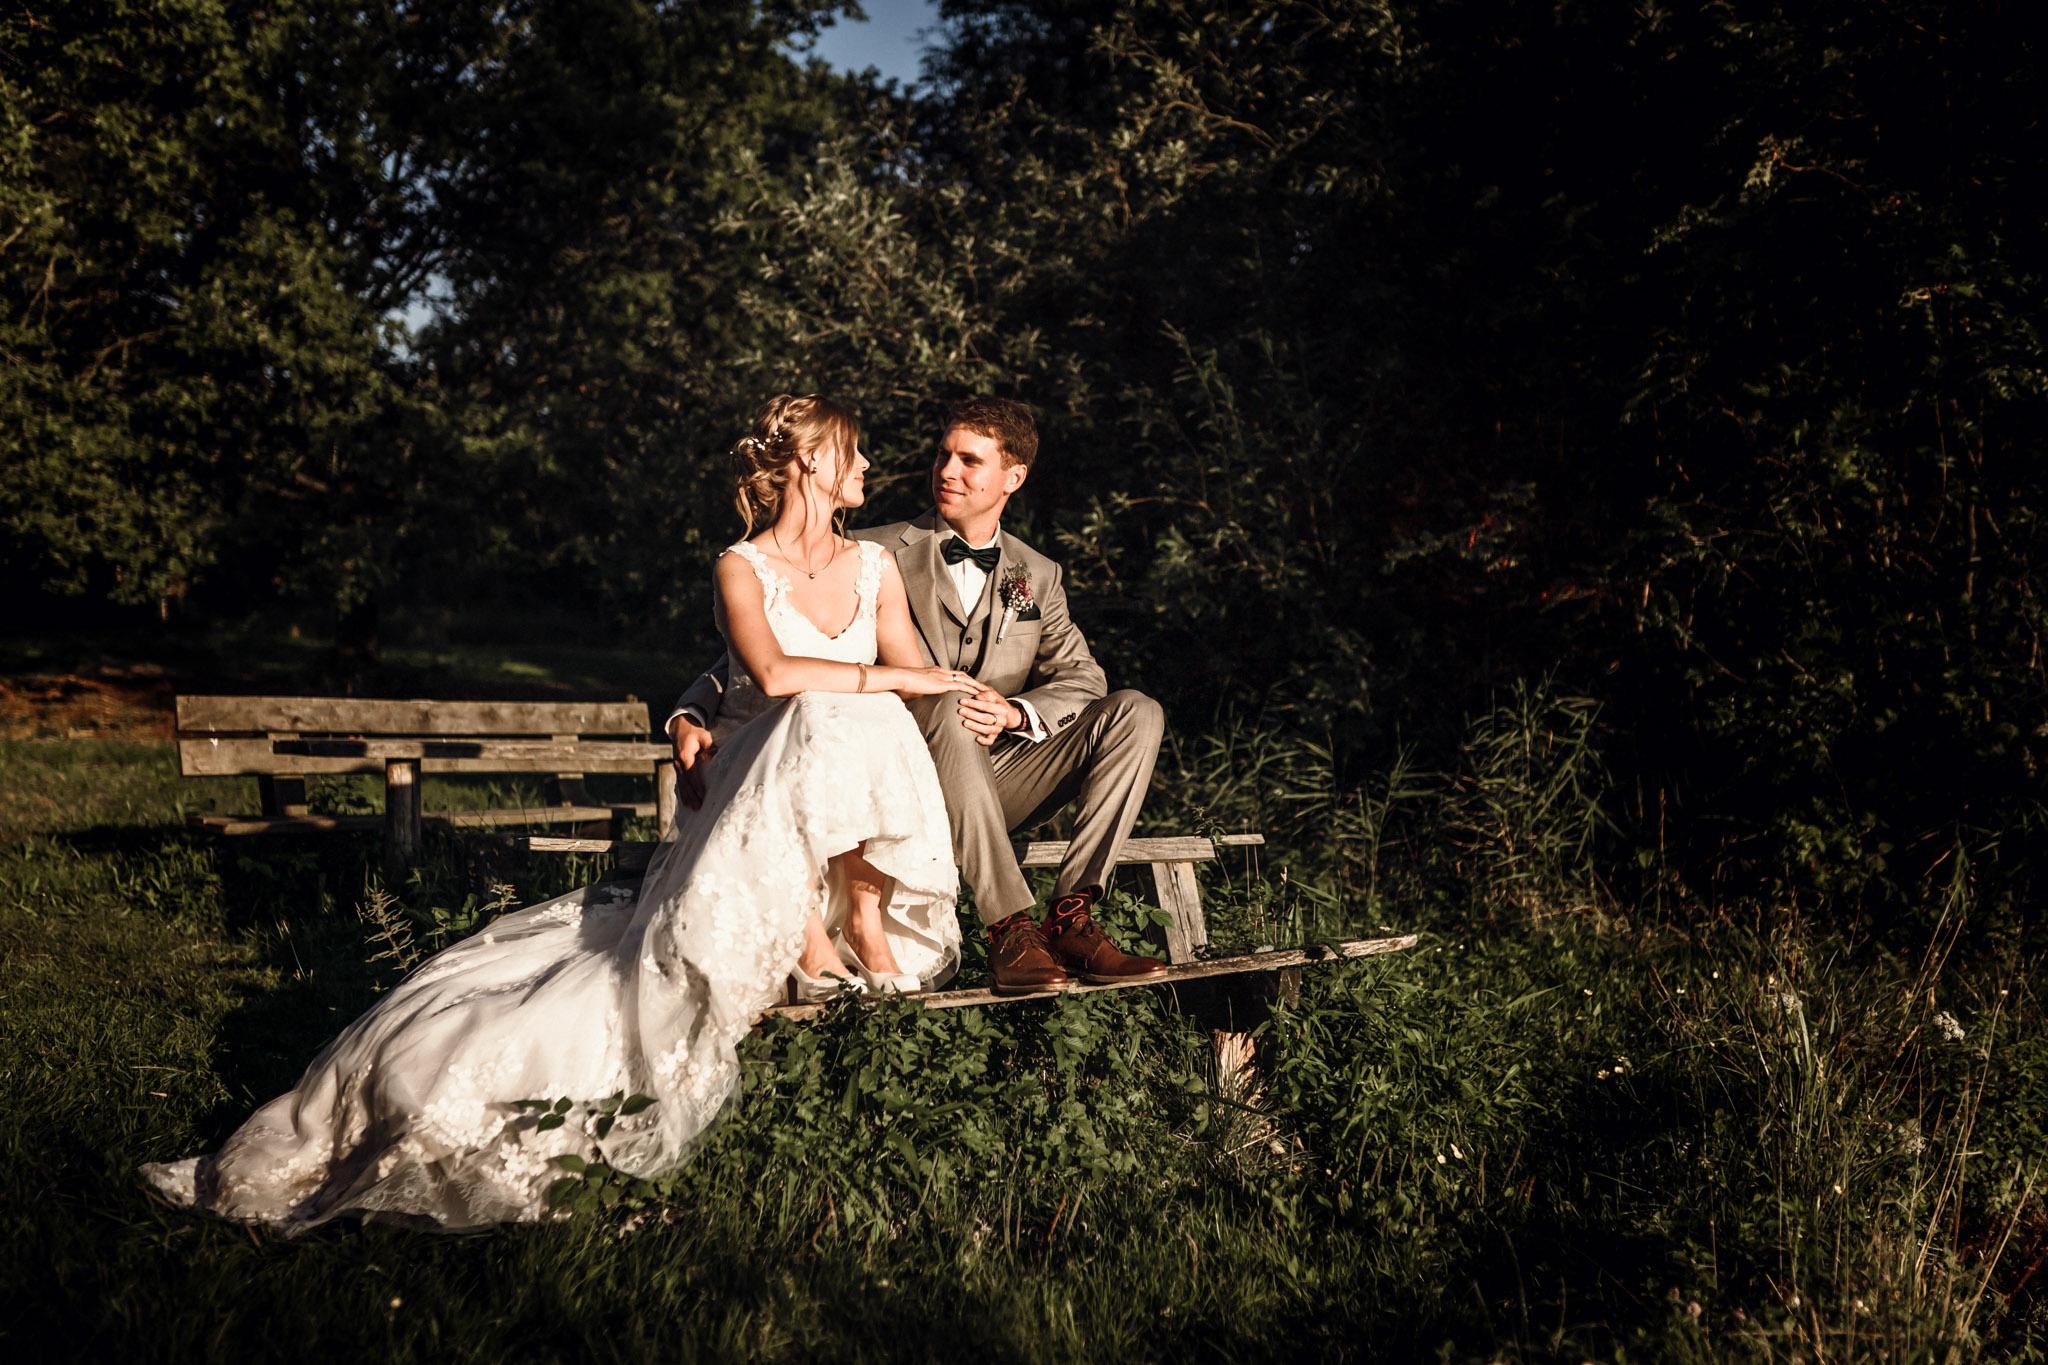 Sven Schomburg Hochzeitsfotografie, Hamburg, Mölln, Hochzeitsfieber by Photo-Schomburg, Hochzeitsreportage, Forsthaus Waldhusen, Braut, Bräutigam-73